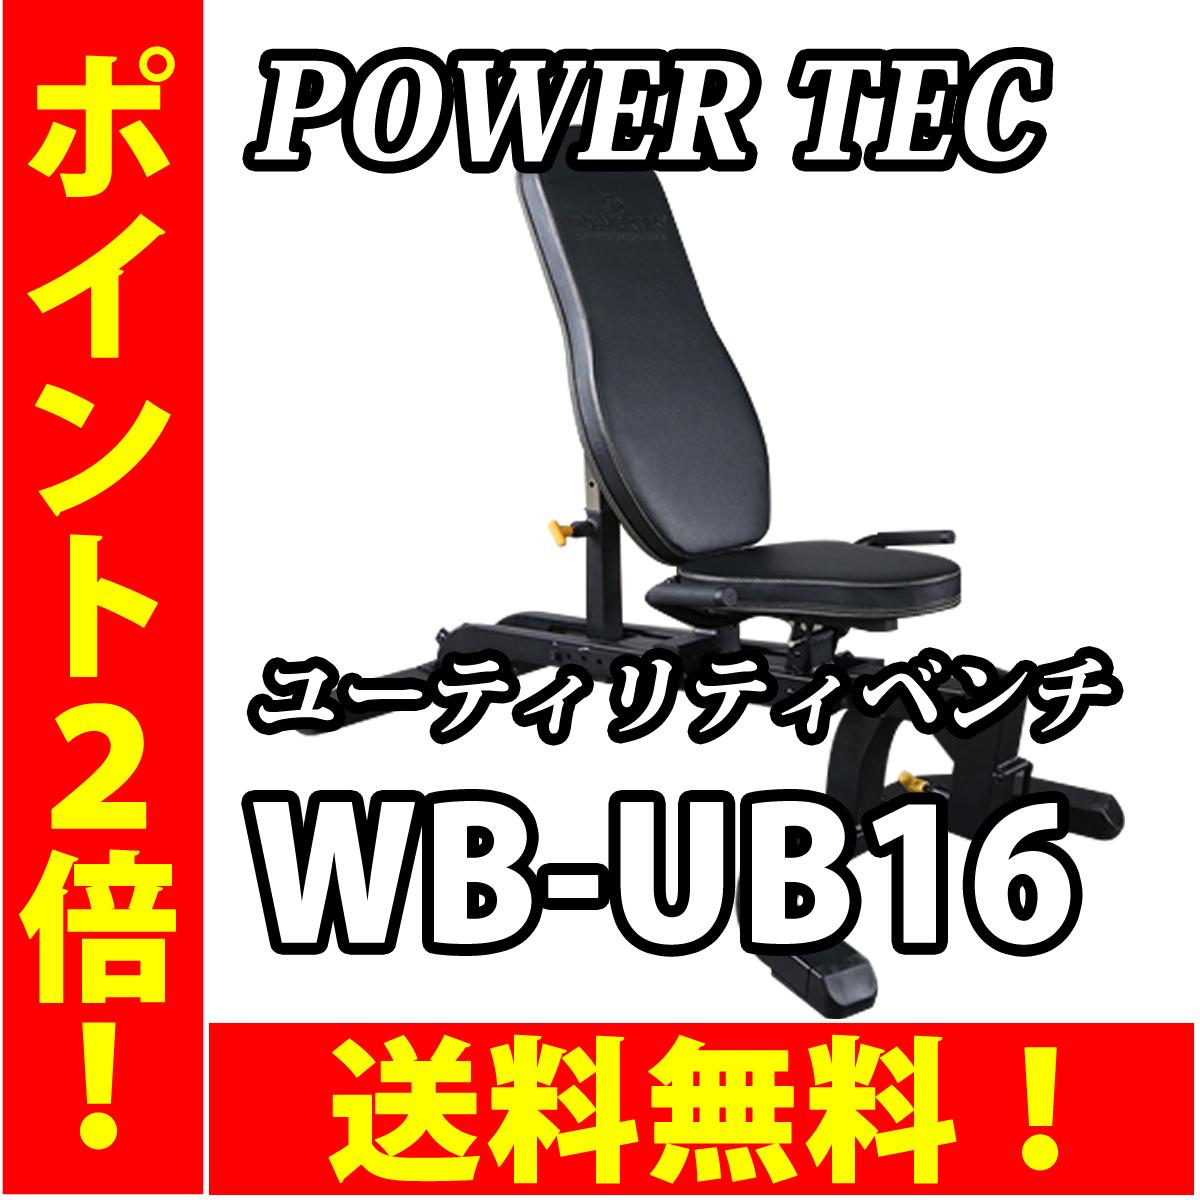 【ポイント2倍!】【送料無料】POWER TEC(パワーテック)社製(USA)WB-UB16 ユーティリティーベンチ【代引き不可】